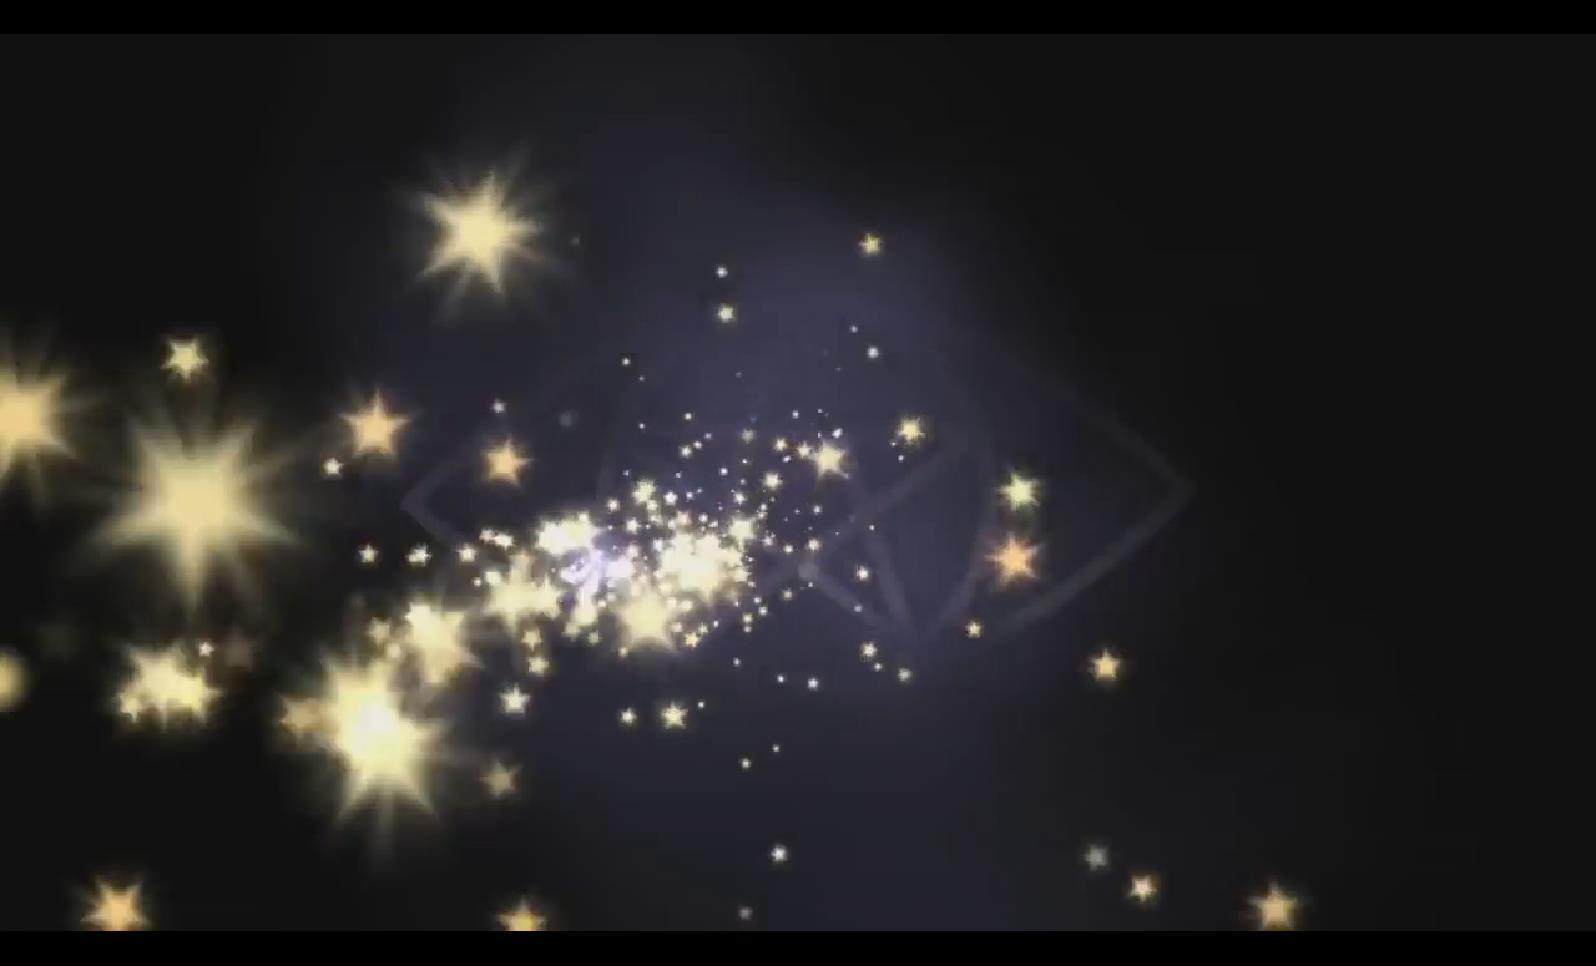 VJ 005 星星梦幻流光视频背景素材